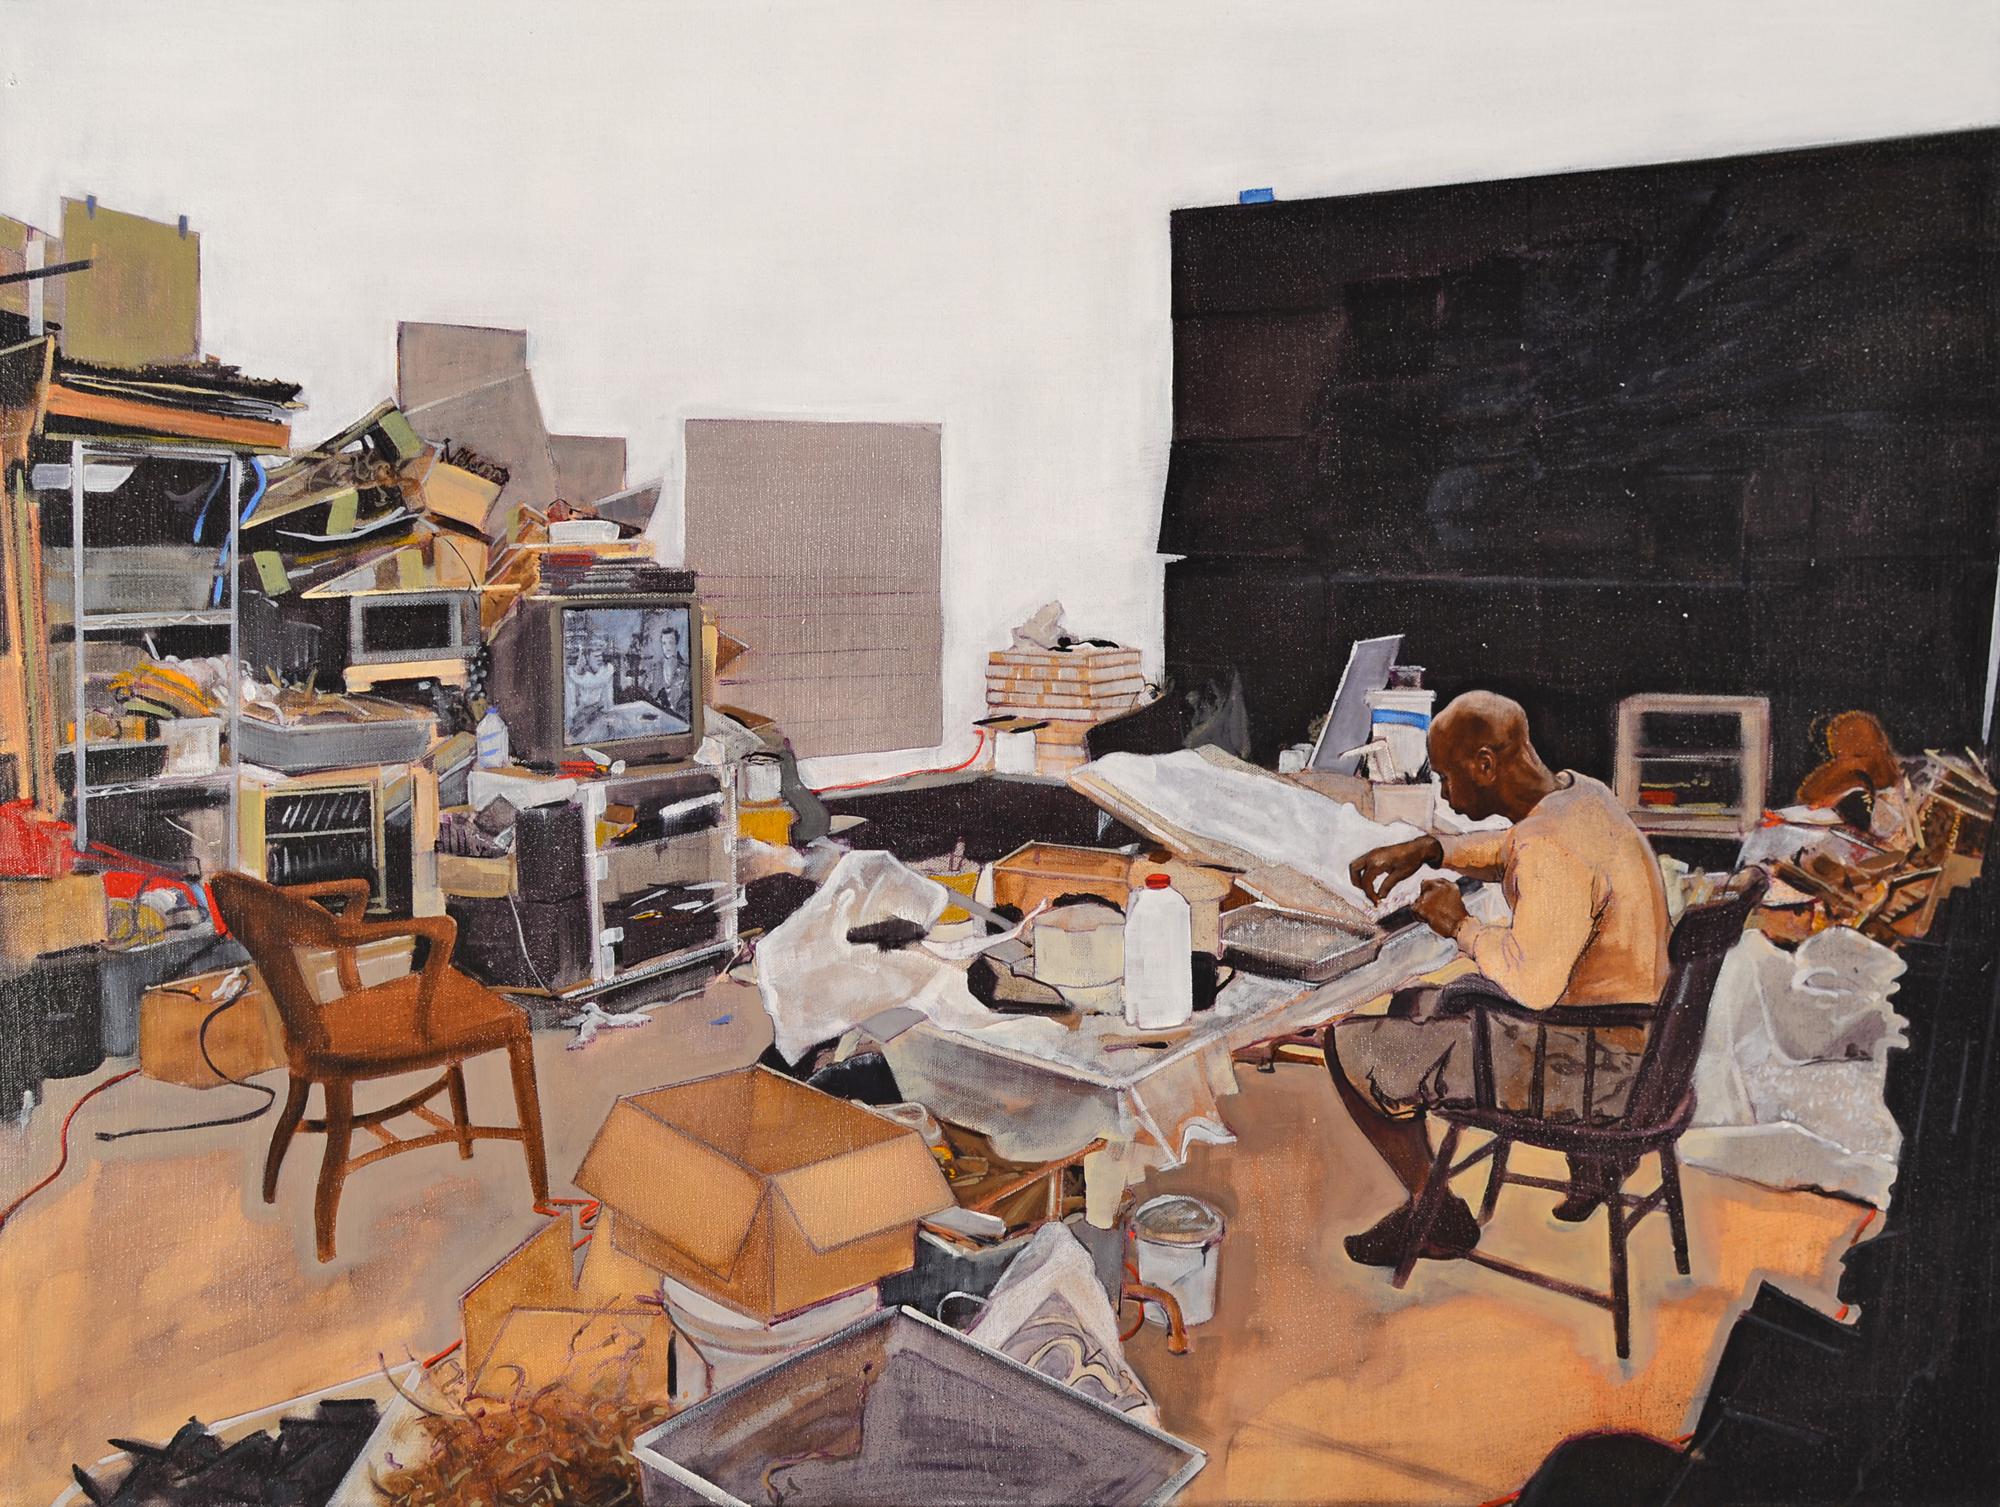 Working: Leonardo Drew